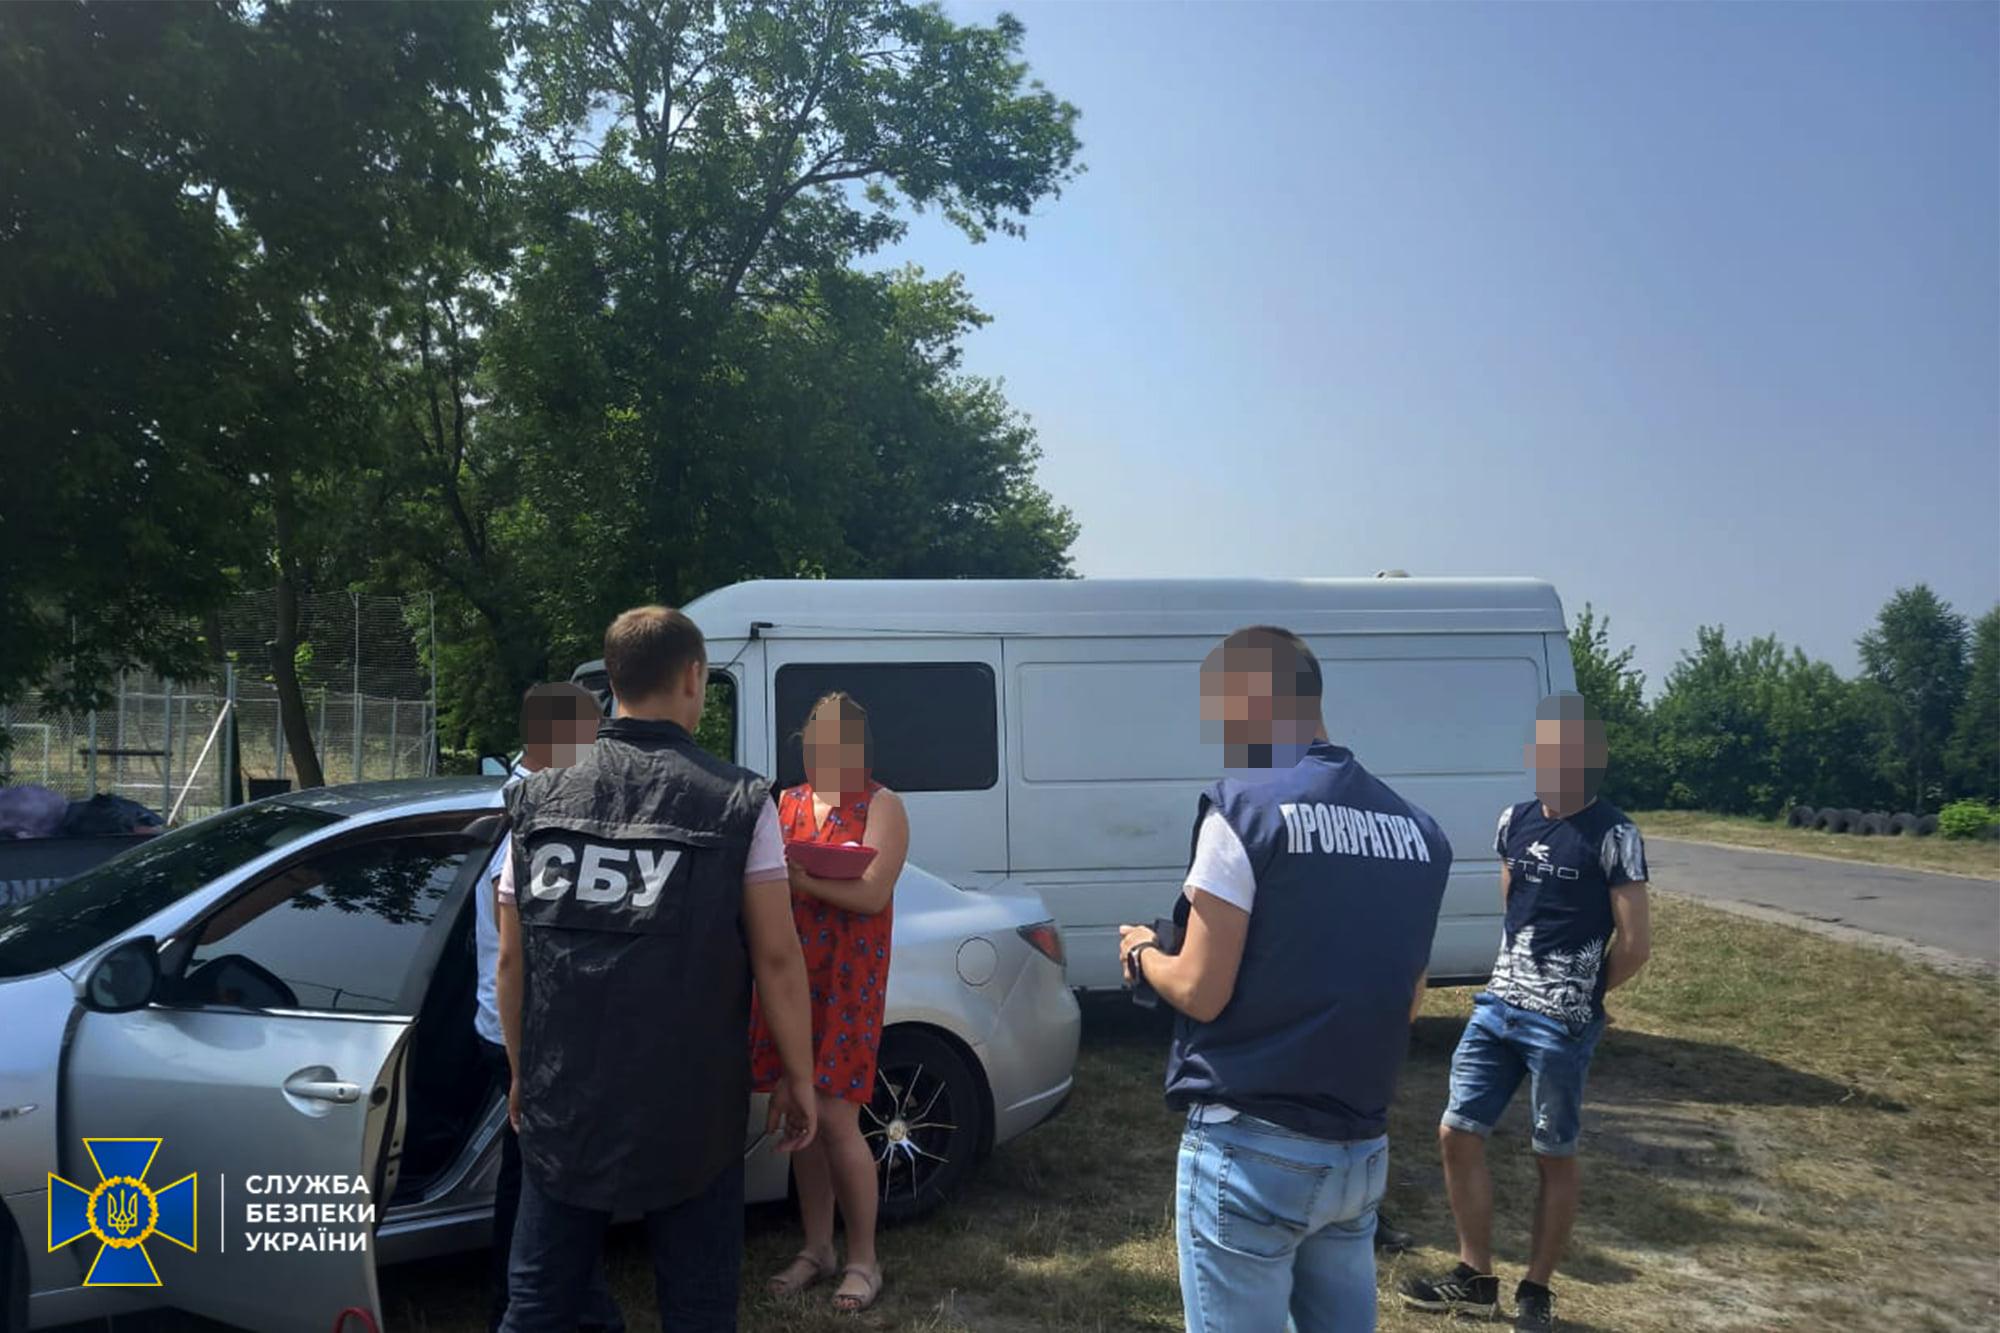 #СБУ  виявила корупцію на держпідприємстві  «Львіввугілля»